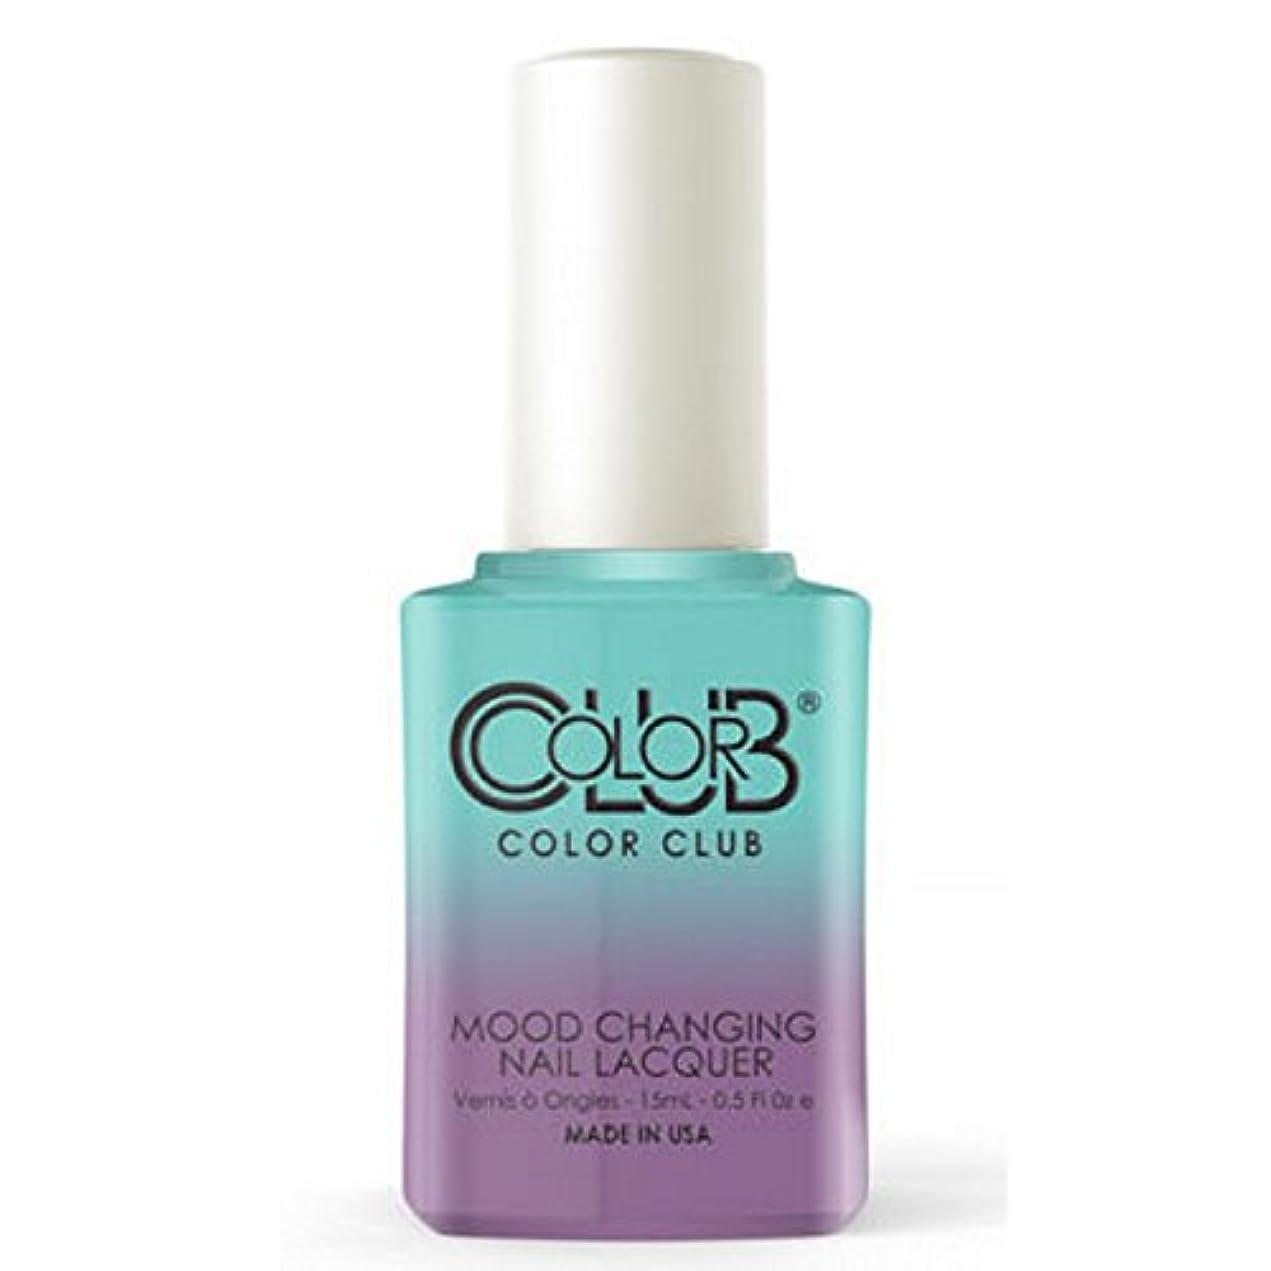 果てしない安心させるポジションColor Club Mood Changing Nail Lacquer - Serene Green - 15 mL / 0.5 fl oz